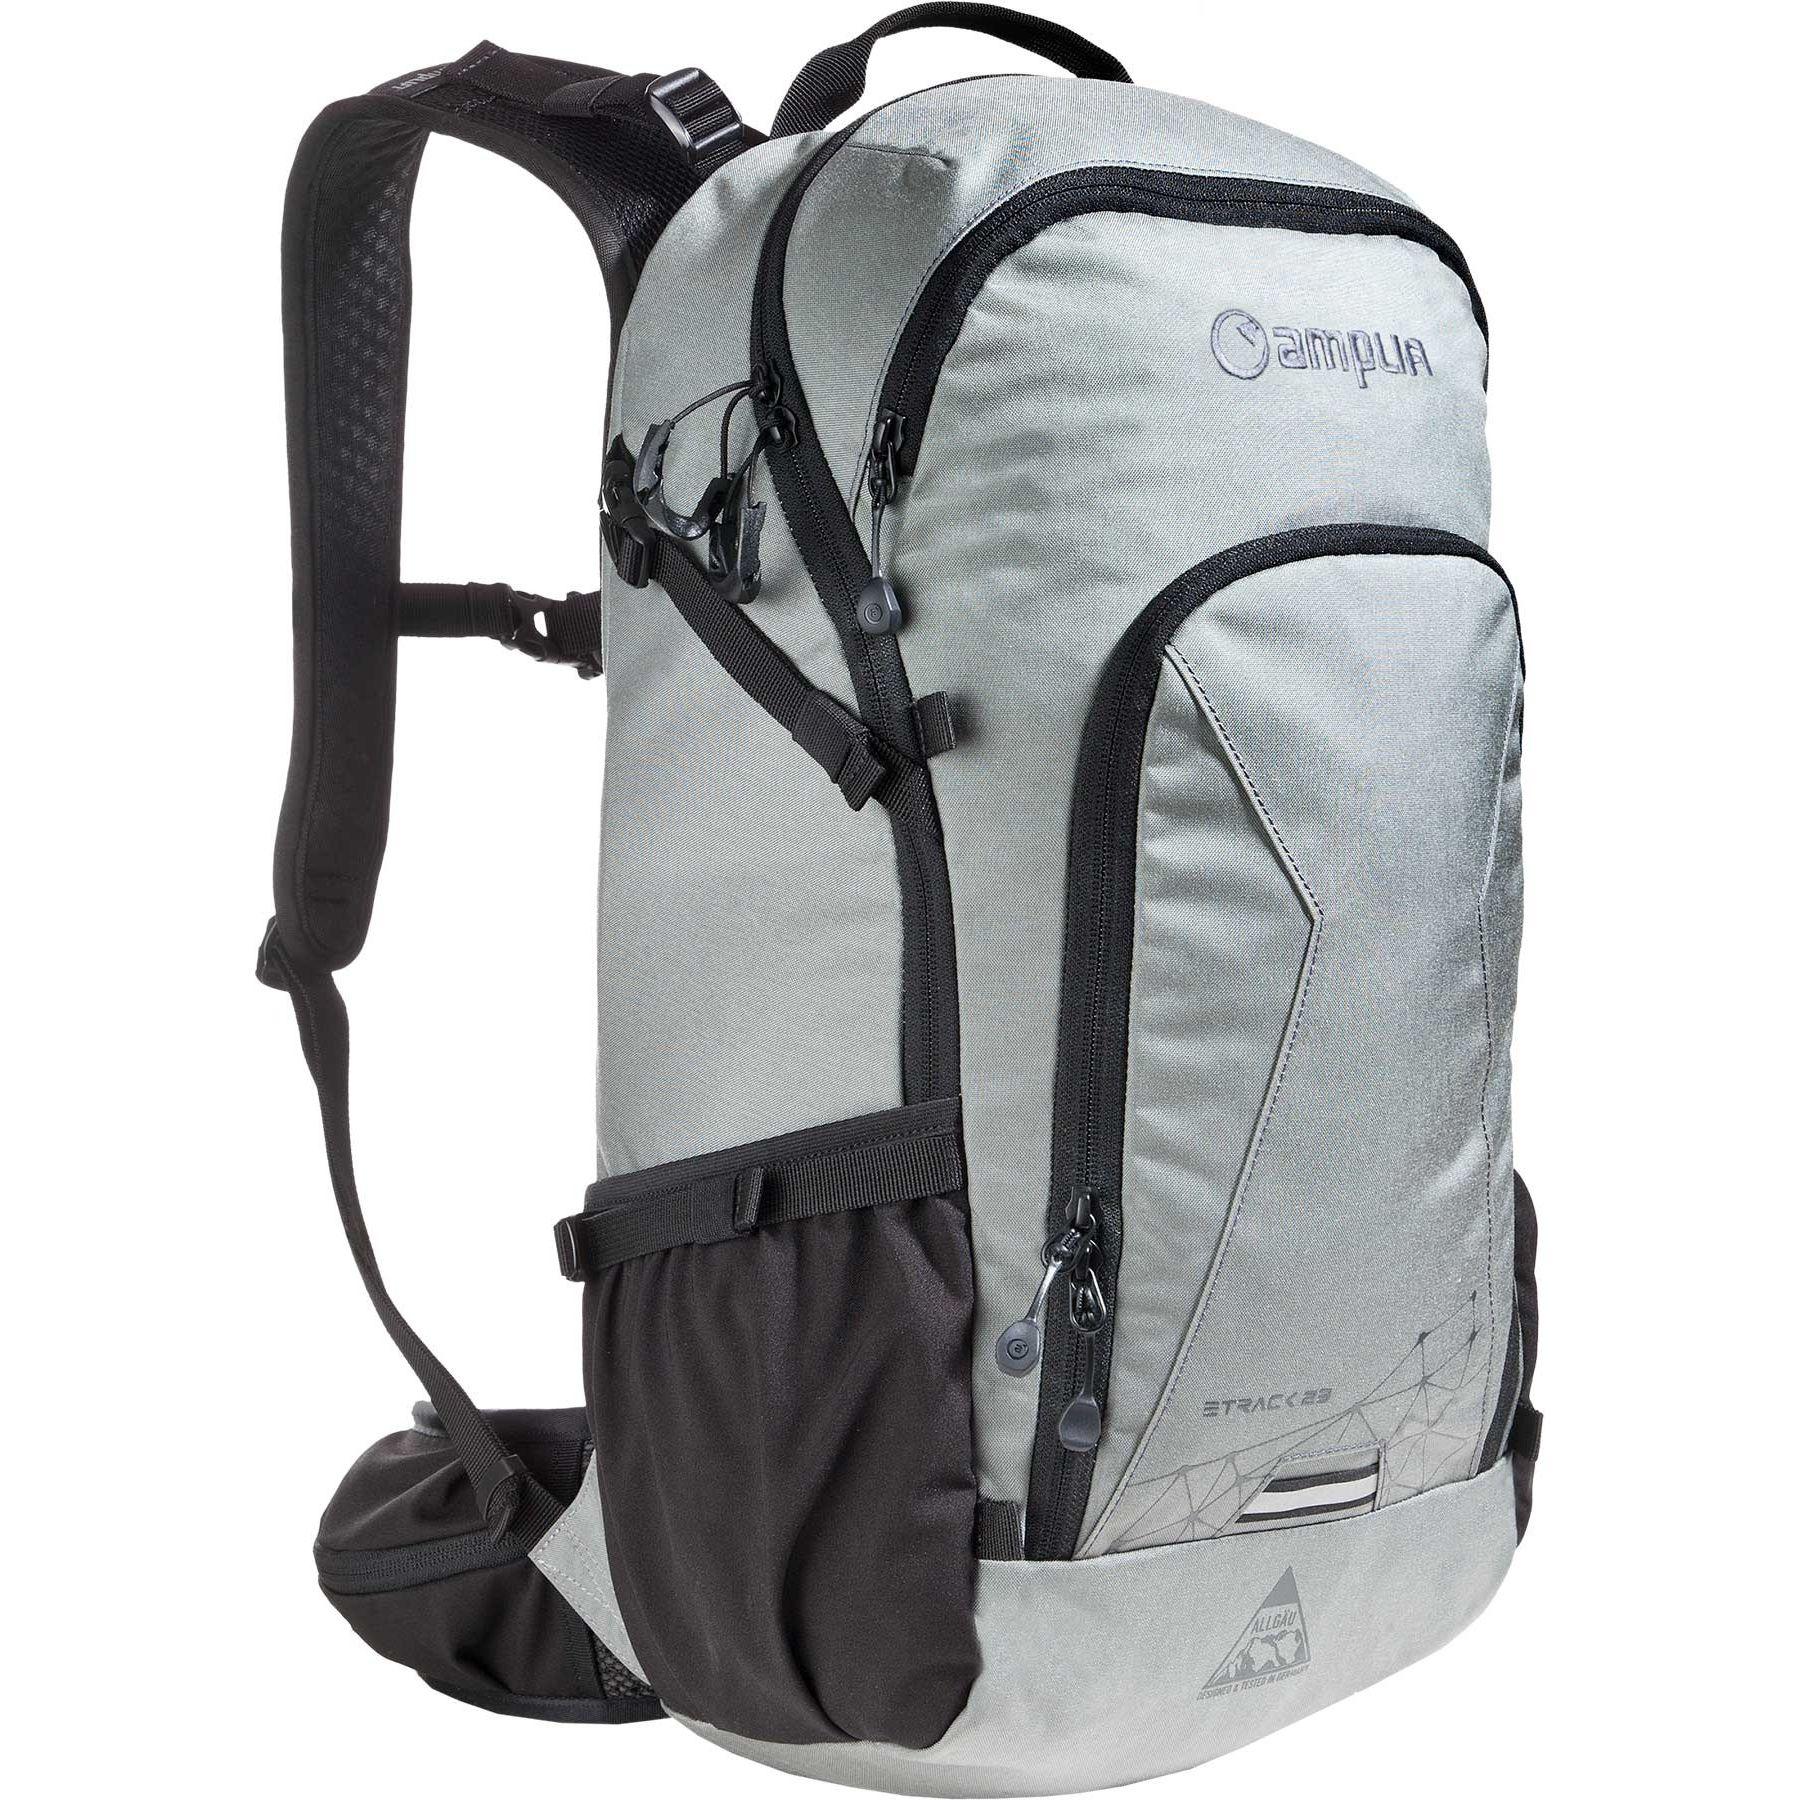 Amplifi ETRACK 23 Protector Backpack - granite